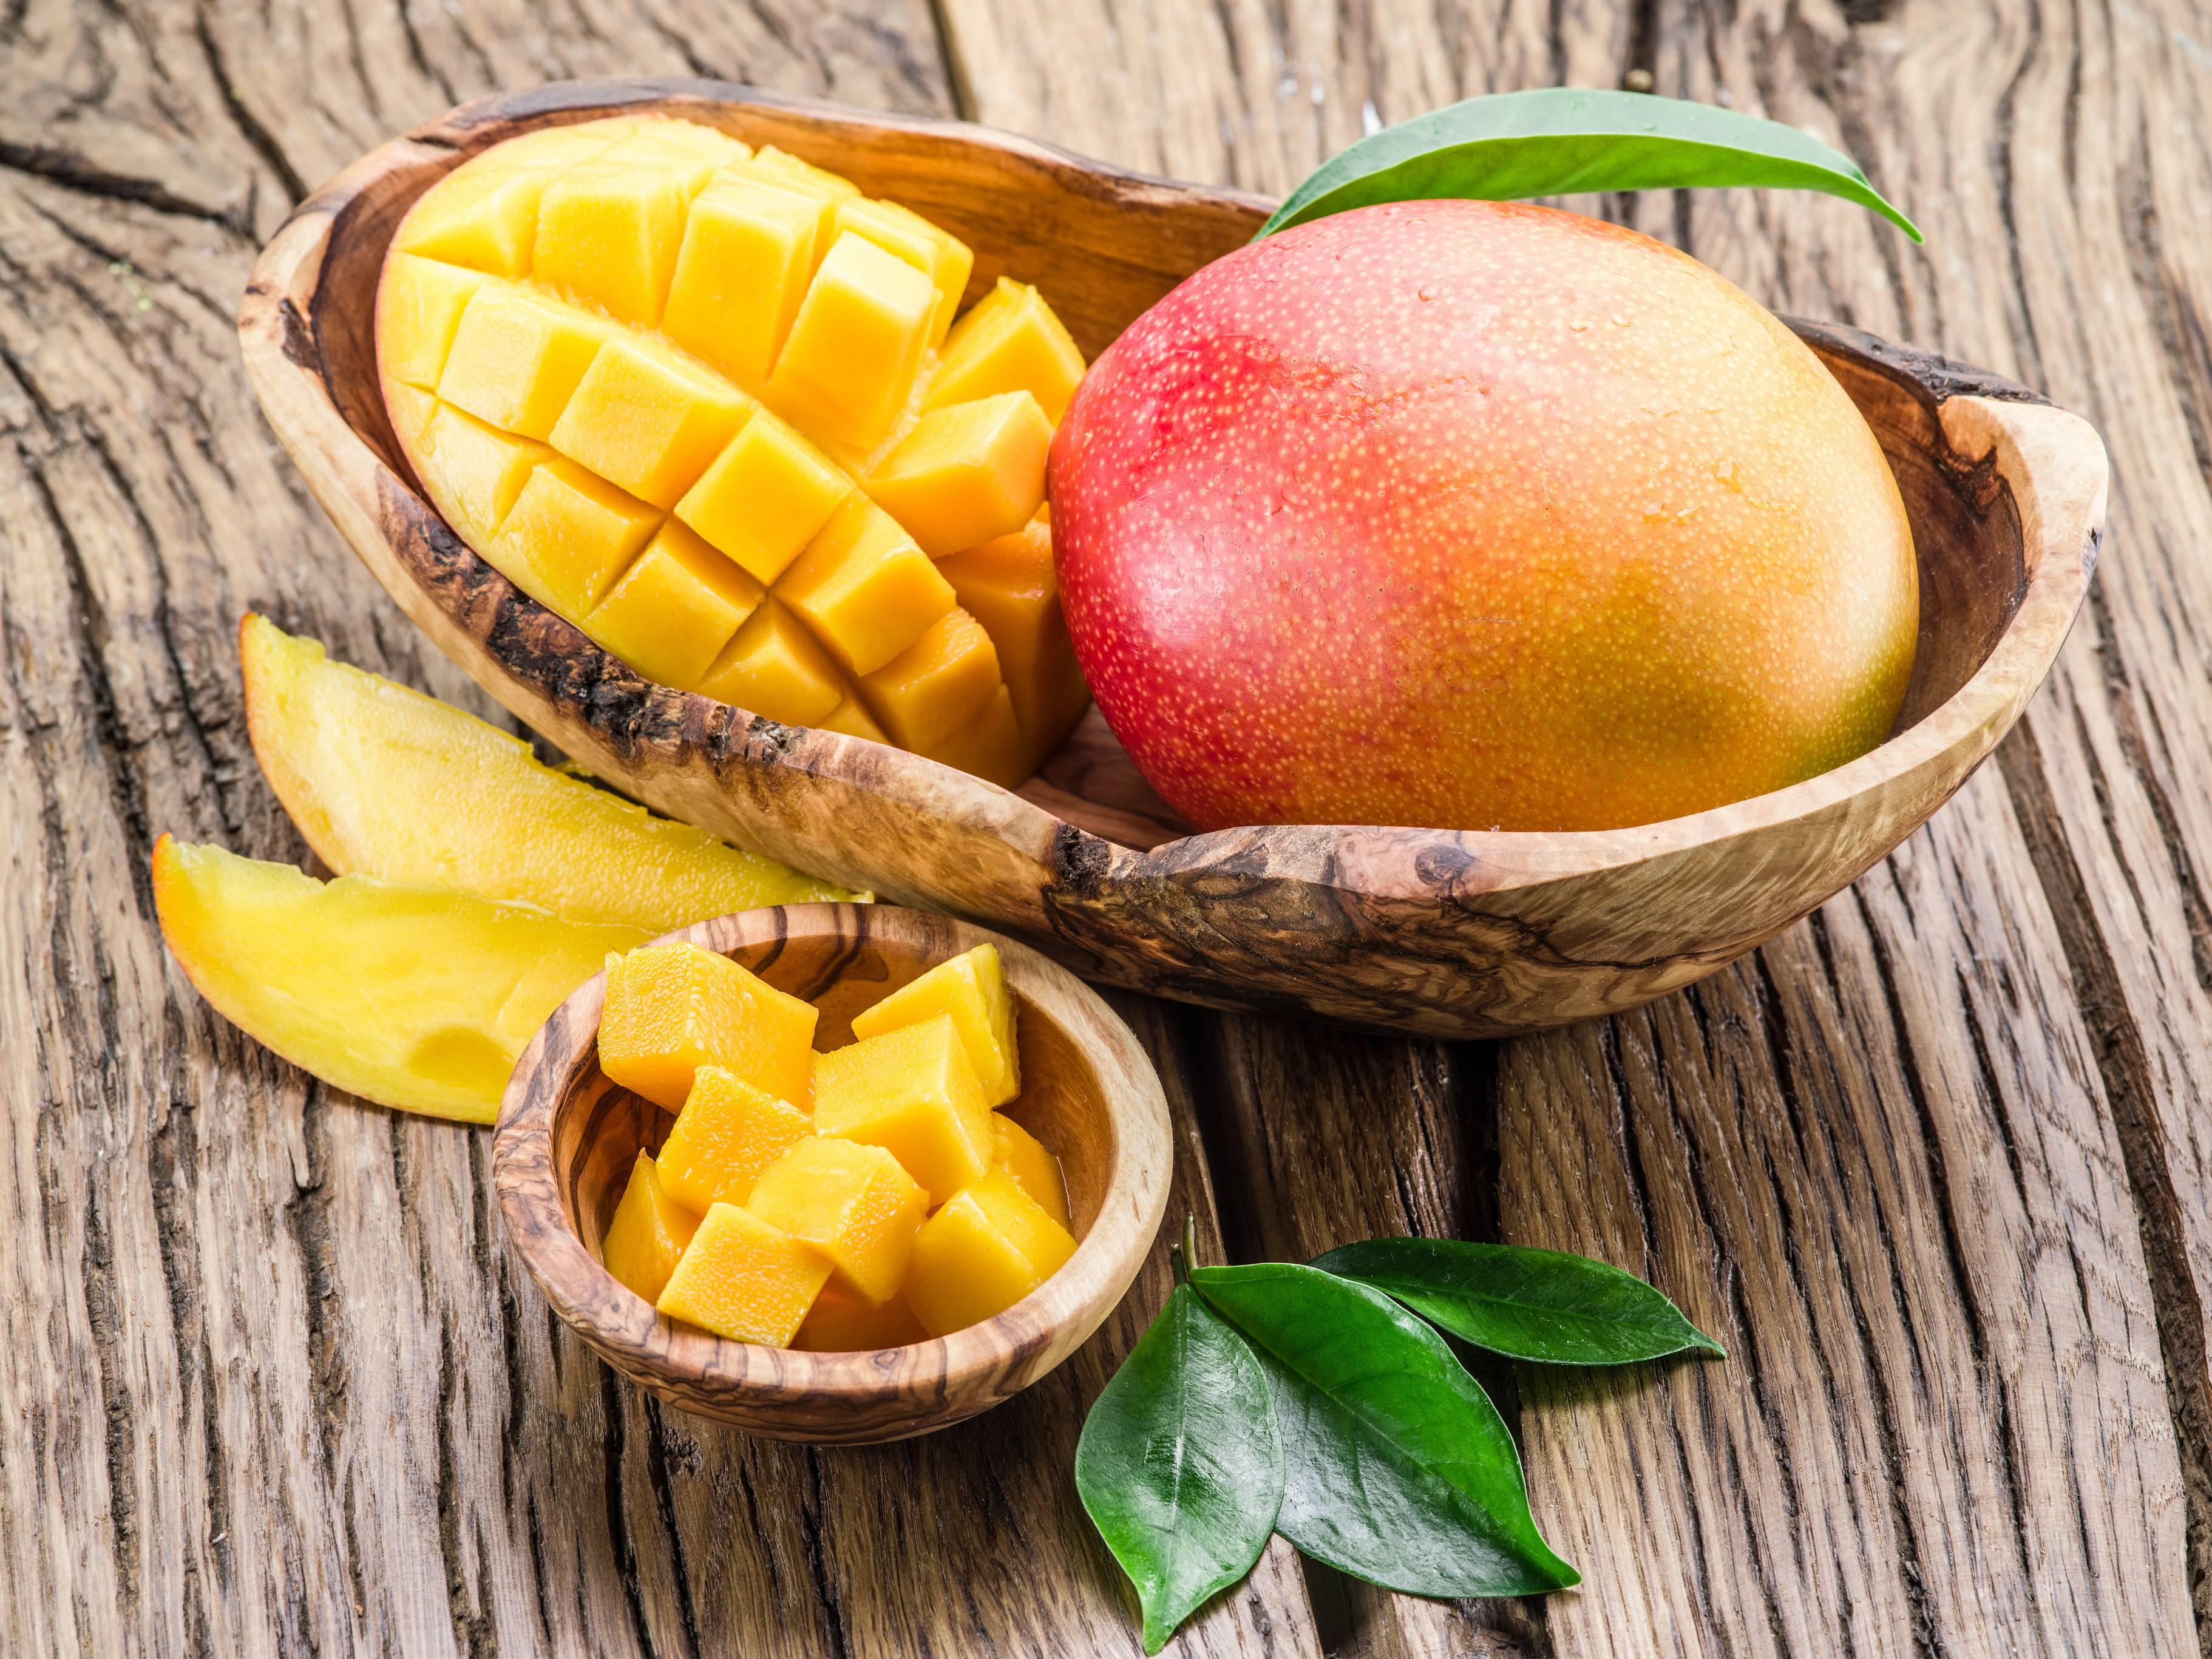 Il mango: frutto dolce dalle straordinarie proprietà benefiche